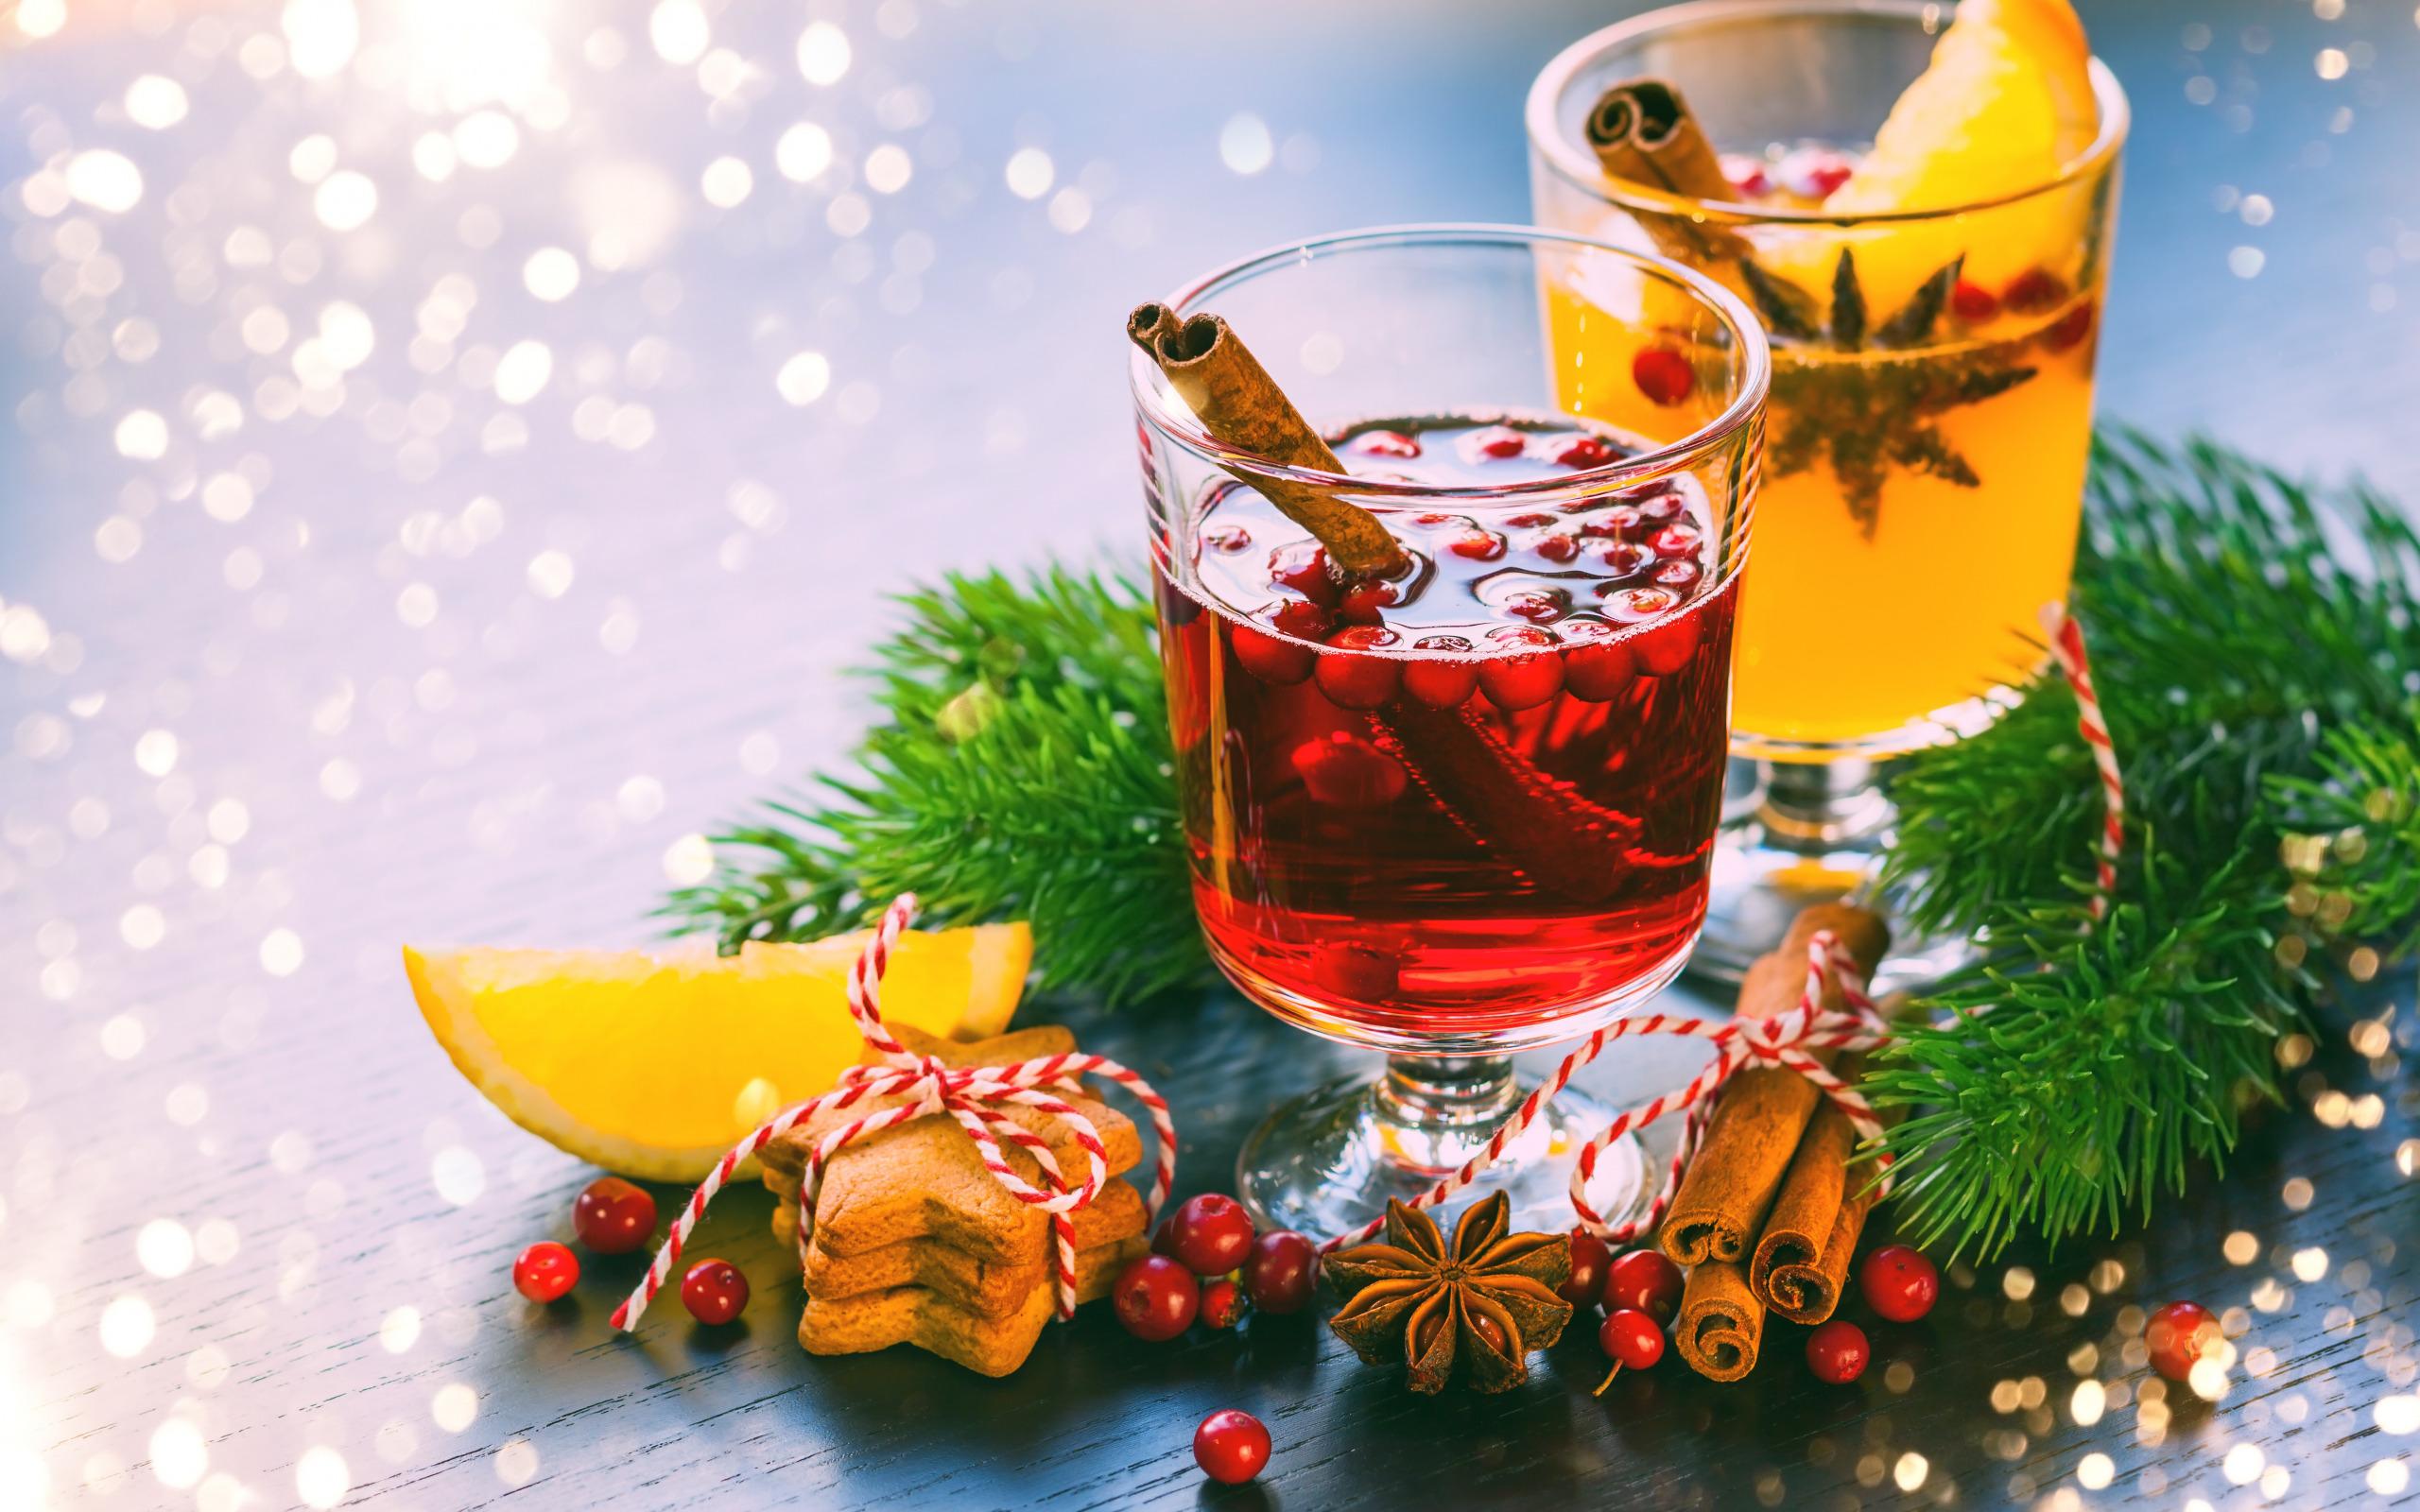 Новогодние заставки, Новый Год, глинтвейн, праздник, печенье, корица, композиция, hd обои